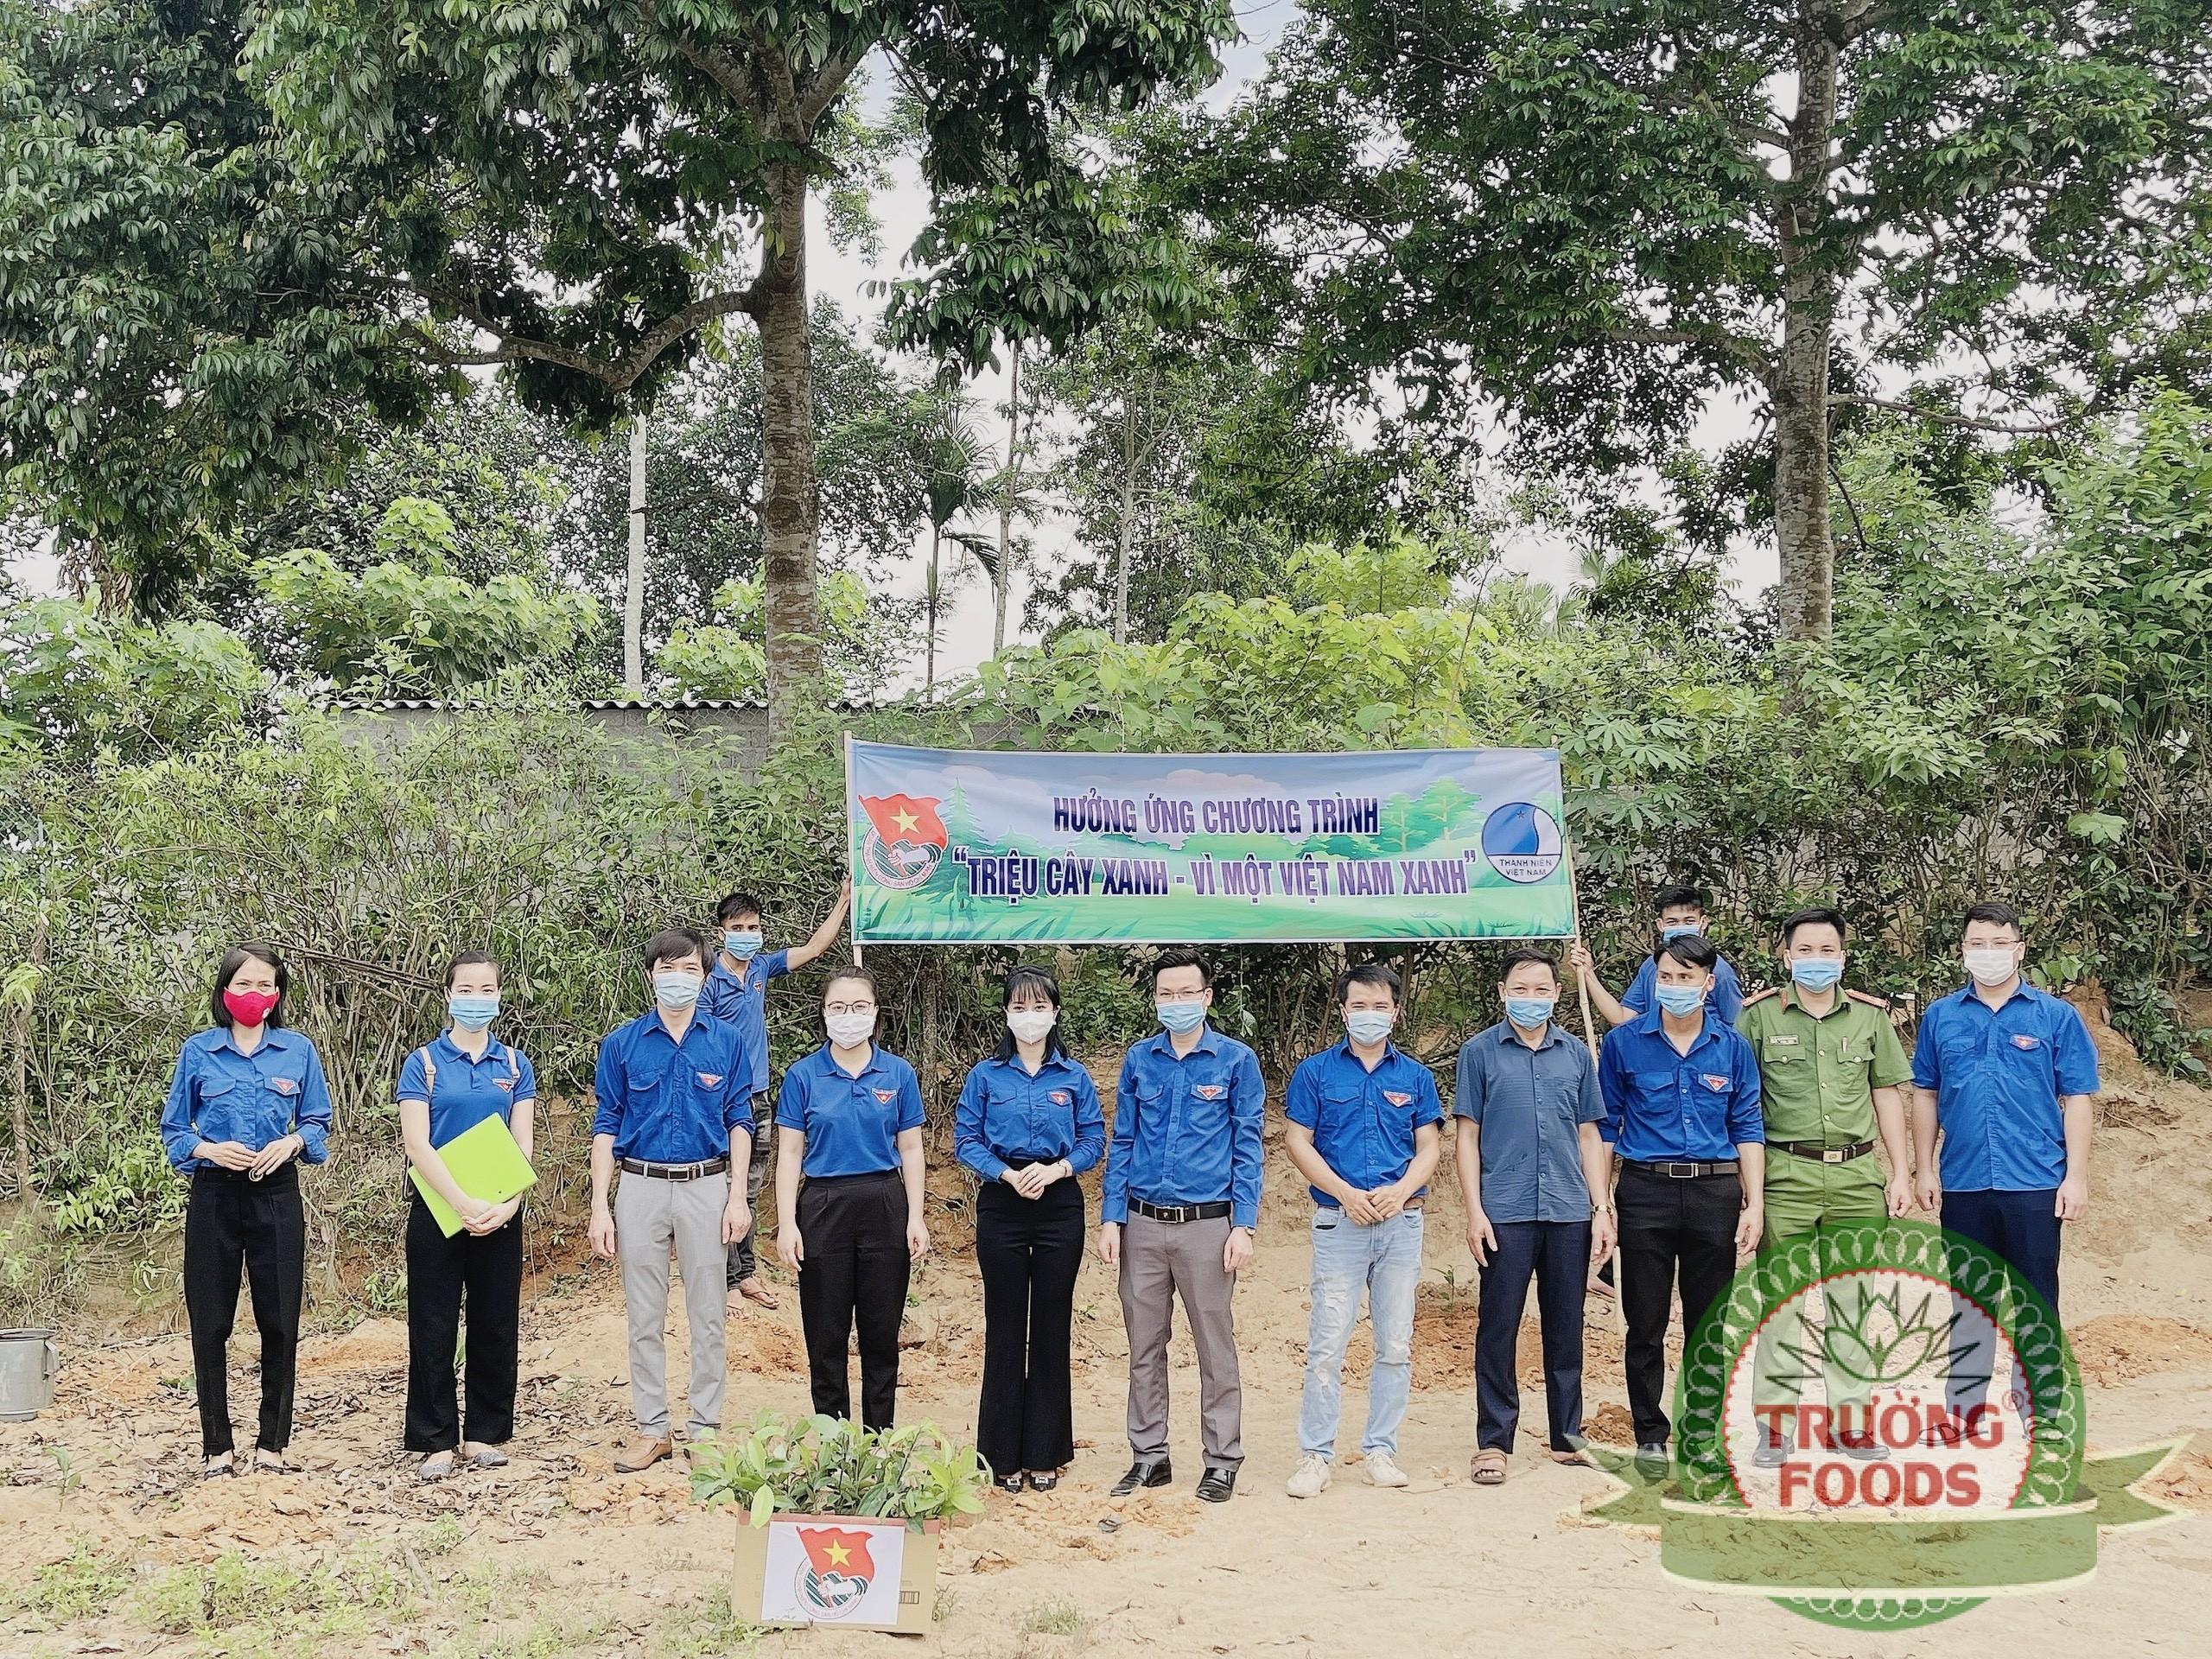 Chi đoàn Công ty CP SX & TM Trường Foods cũng đã trồng cây lưu niệm tại bia lịch sử Giáo Vầu xã Khả Cửu.